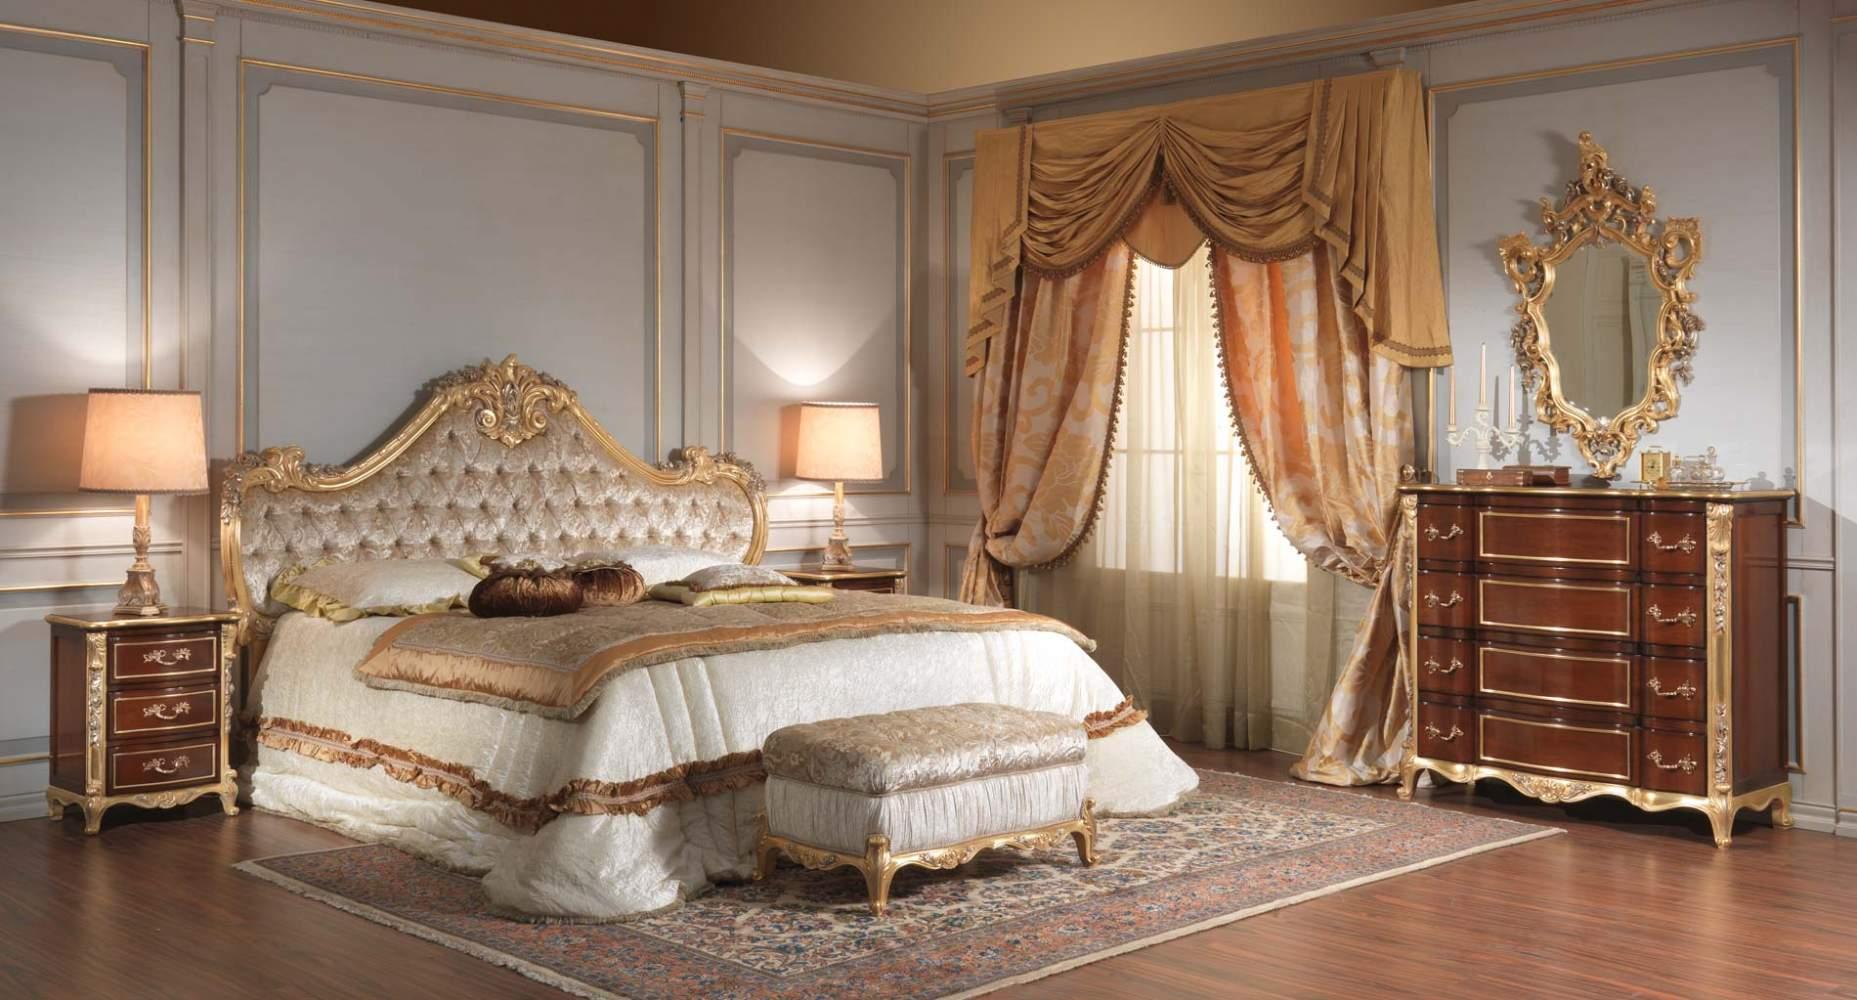 Immagini Di Camere Da Letto Classiche : Camera da letto classica italiano vimercati meda